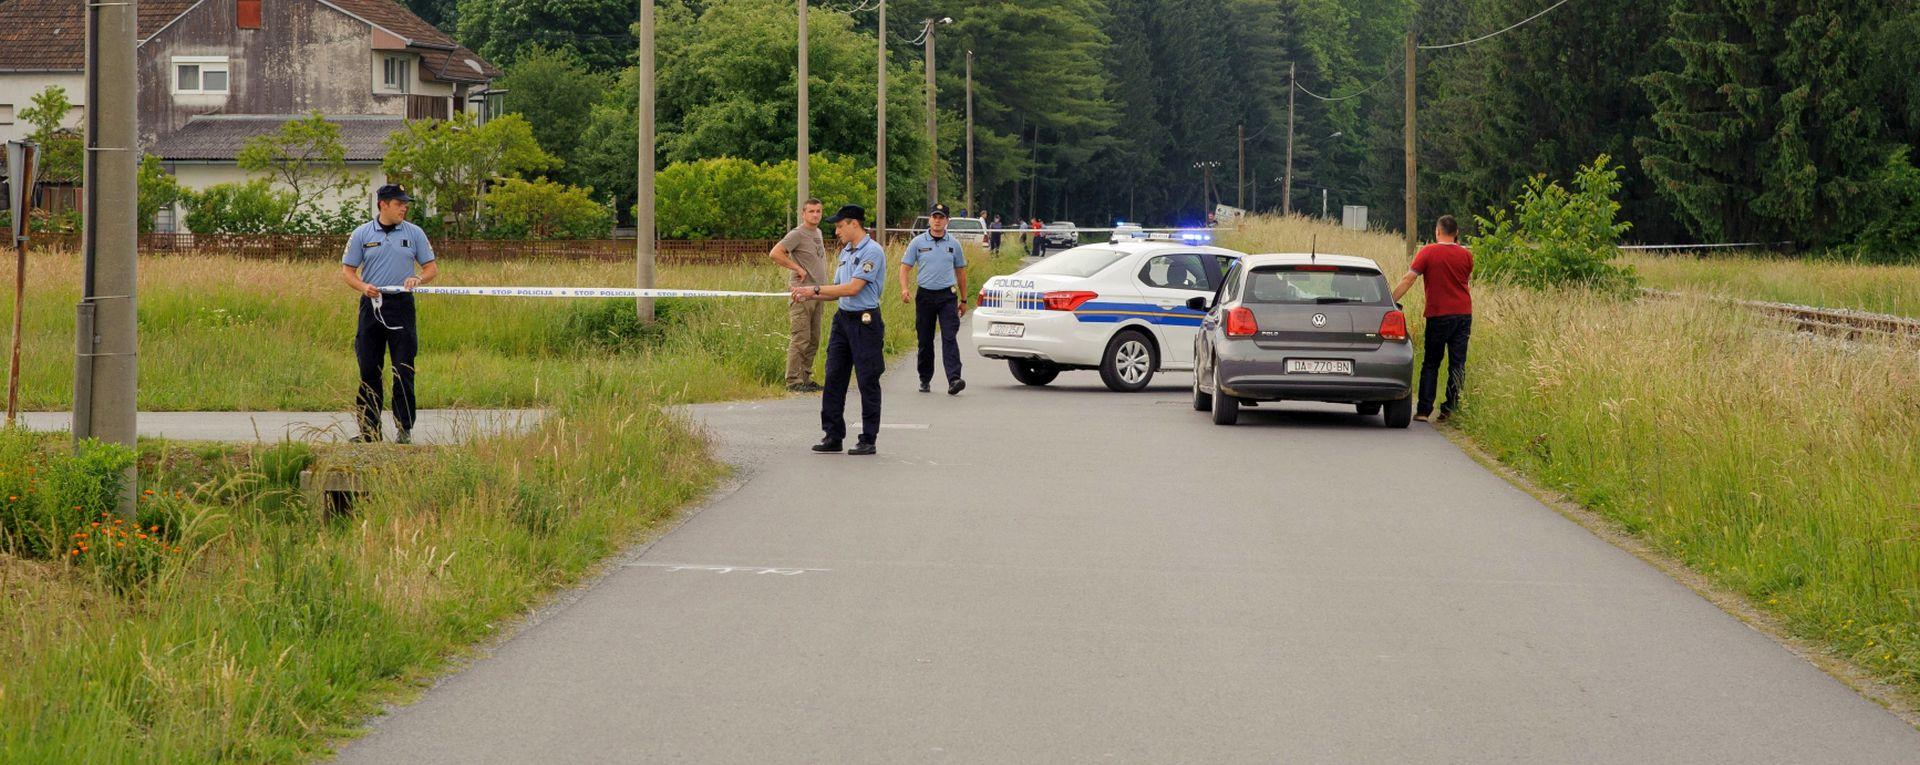 Policija objavila detalje nesreće u kojoj je poginuo devetogodišnjak